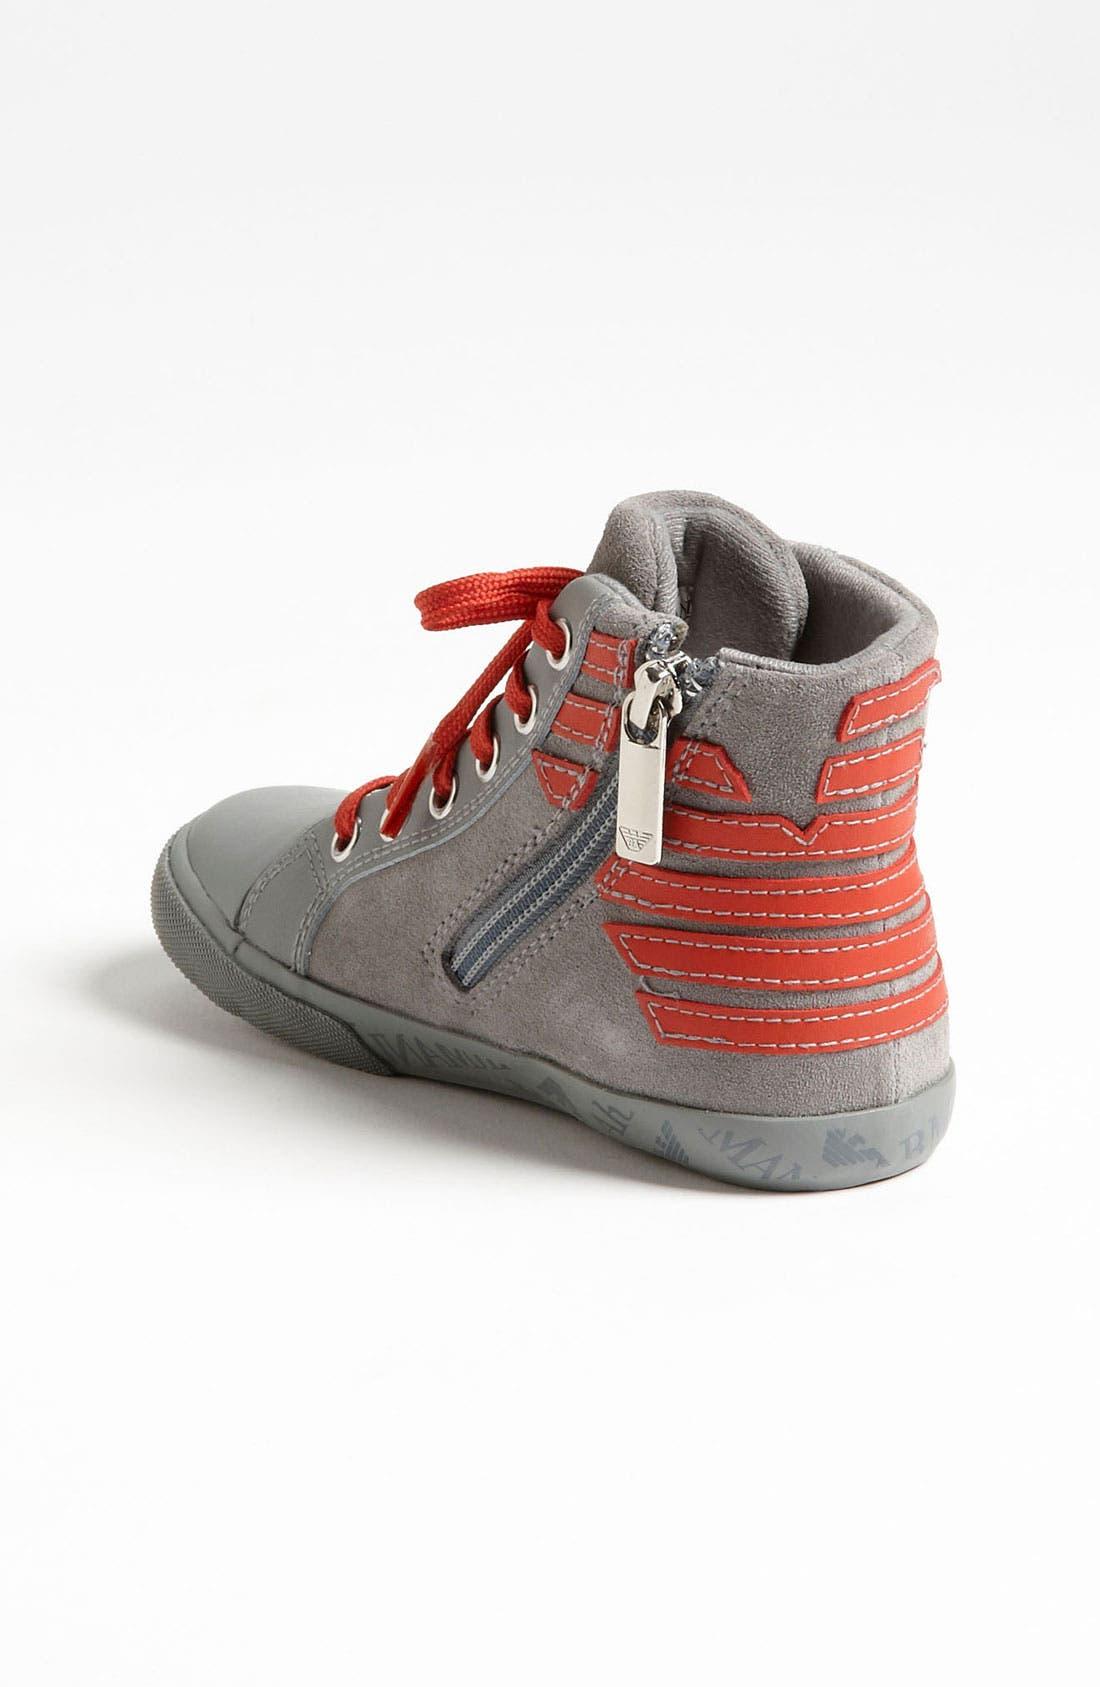 Alternate Image 2  - Armani Junior 'Eagle' Sneaker (Walker & Toddler)